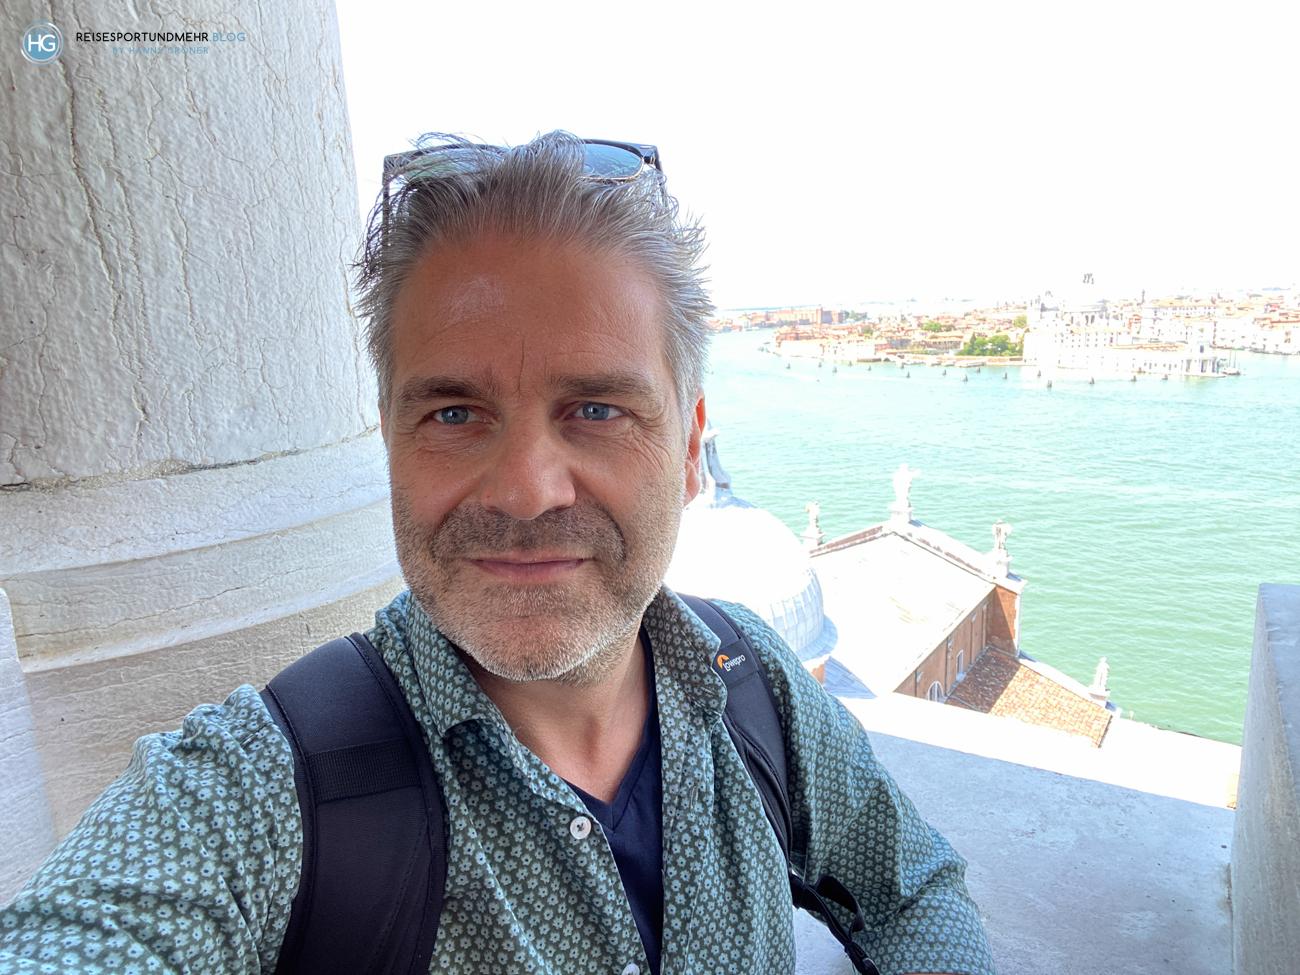 Venedig Pfingsten 2021 - wunderbare Aussicht vom Glockenturm San Giorgio (Foto: Hanns Gröner)